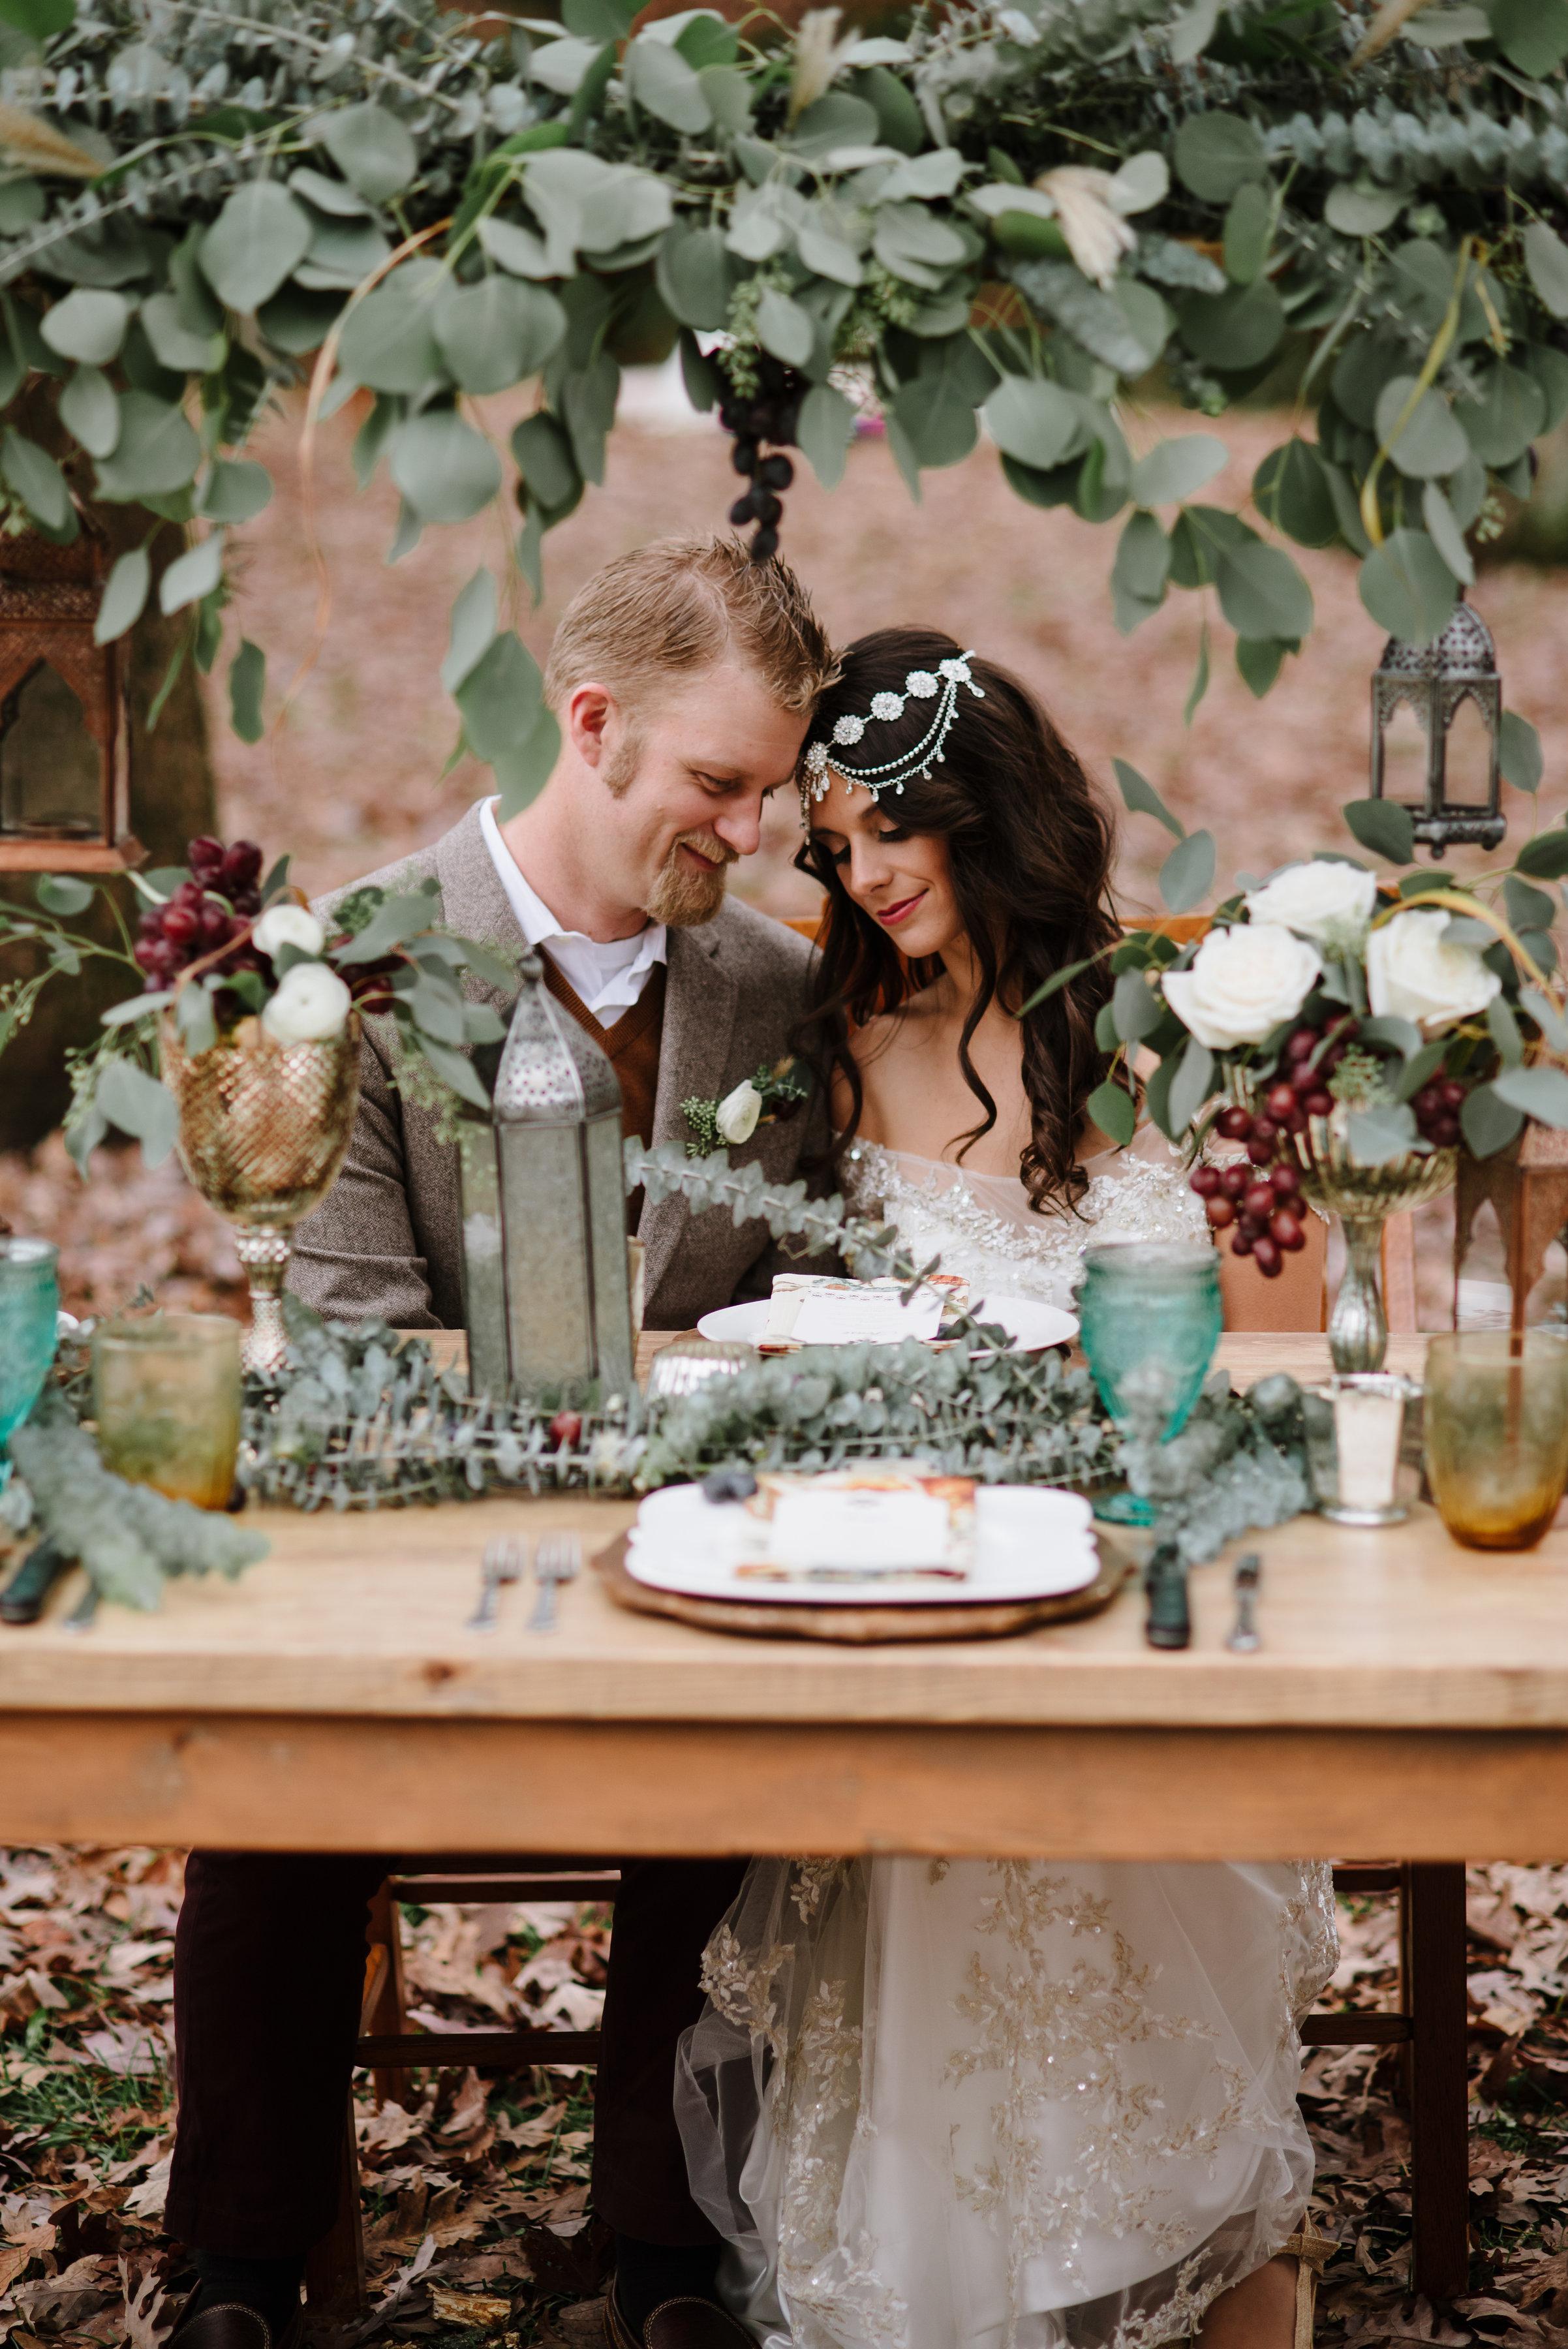 Bride and groom Chula vista wisconsin dells wedding